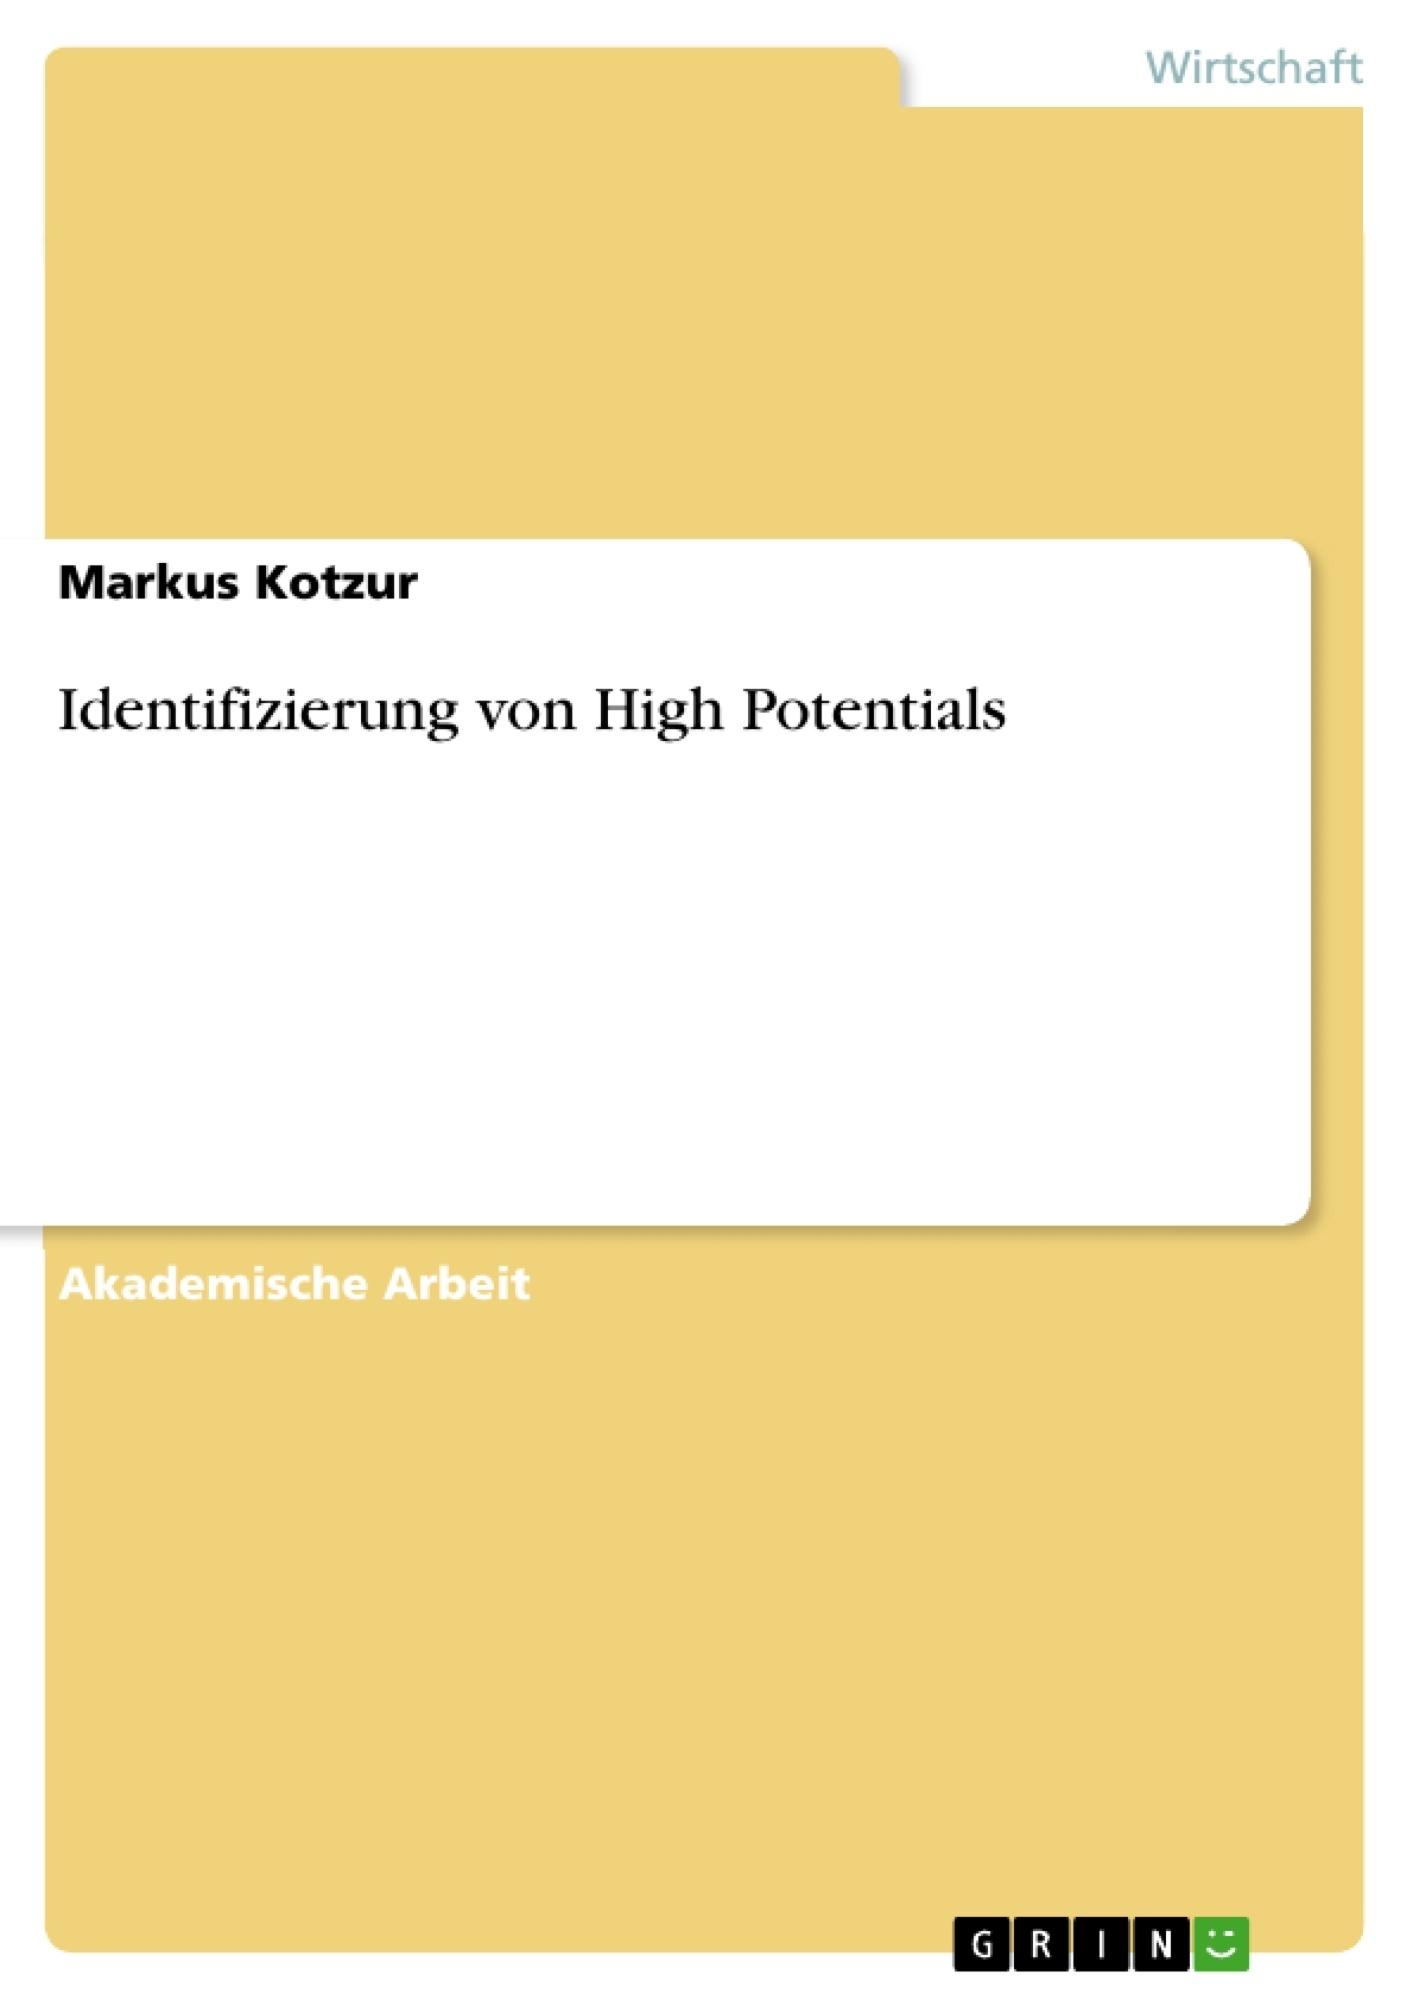 Titel: Identifizierung von High Potentials